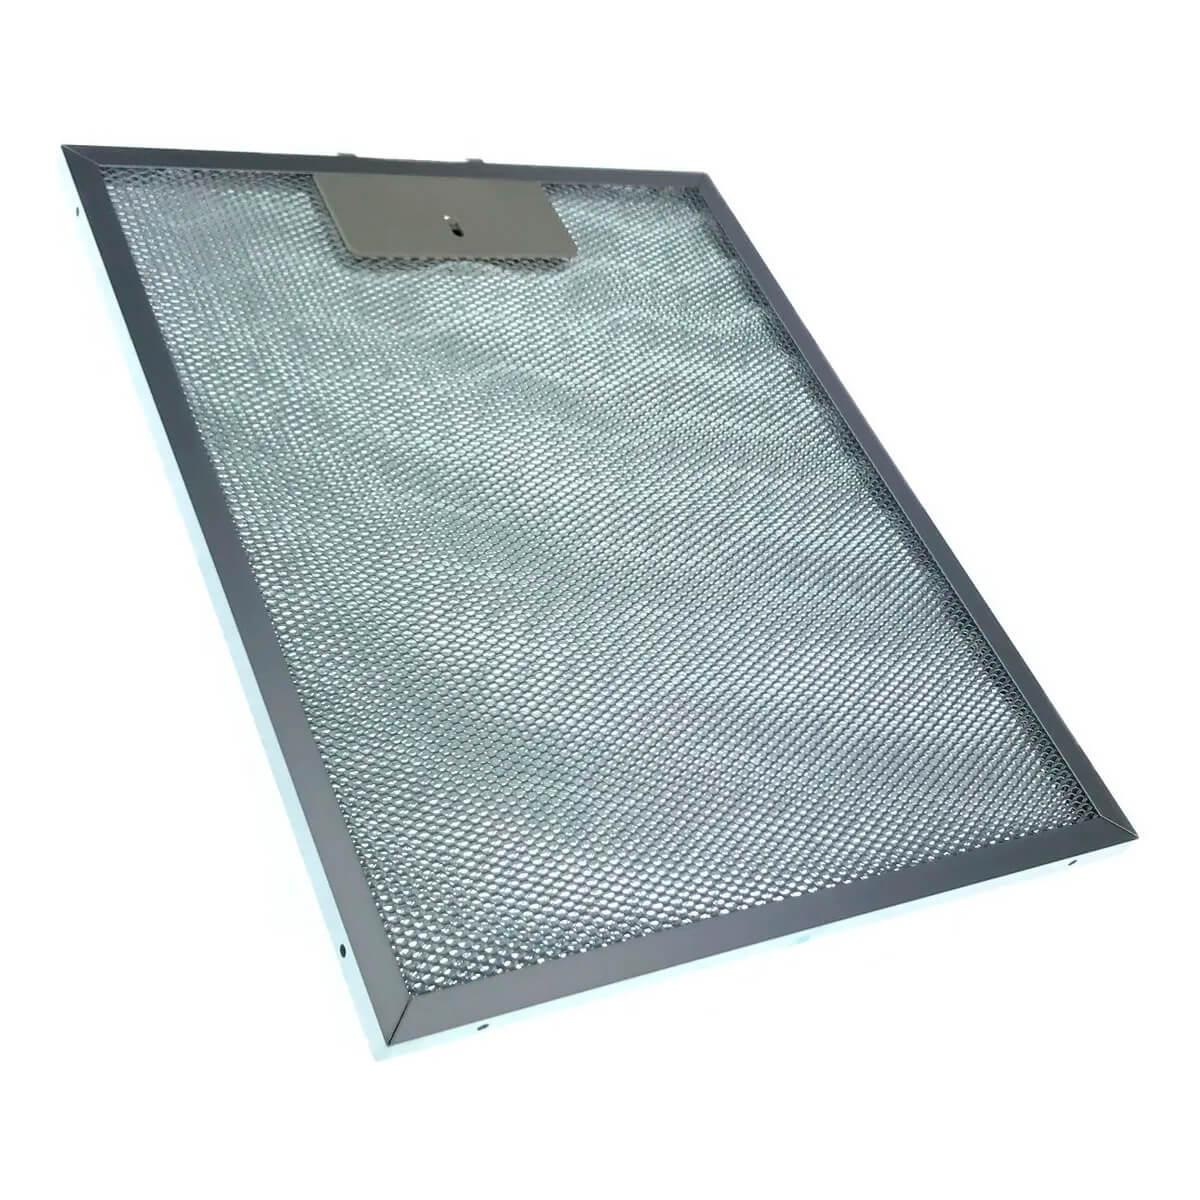 Kit com 3 Filtros De Alumínio Para Coifa Electrolux -  E653030